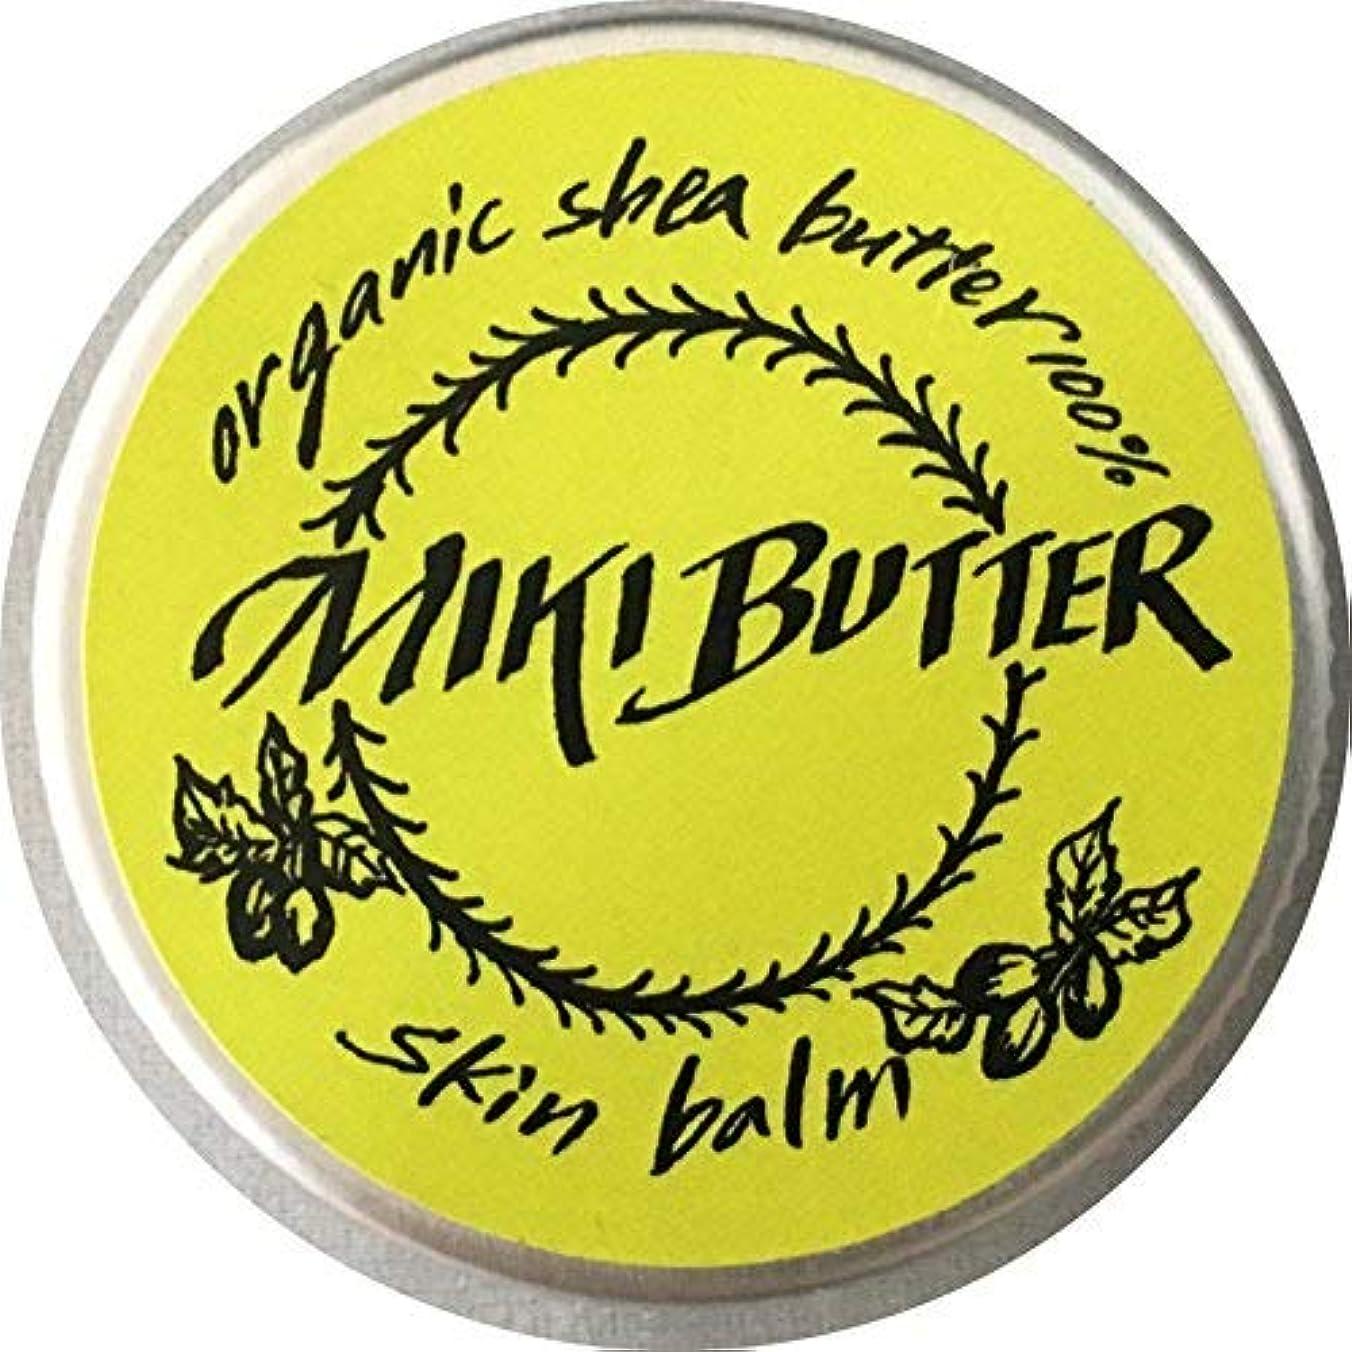 素人そんなにうれしい100% 天然 未精製シアバター ミキバター (パール柑, 45)